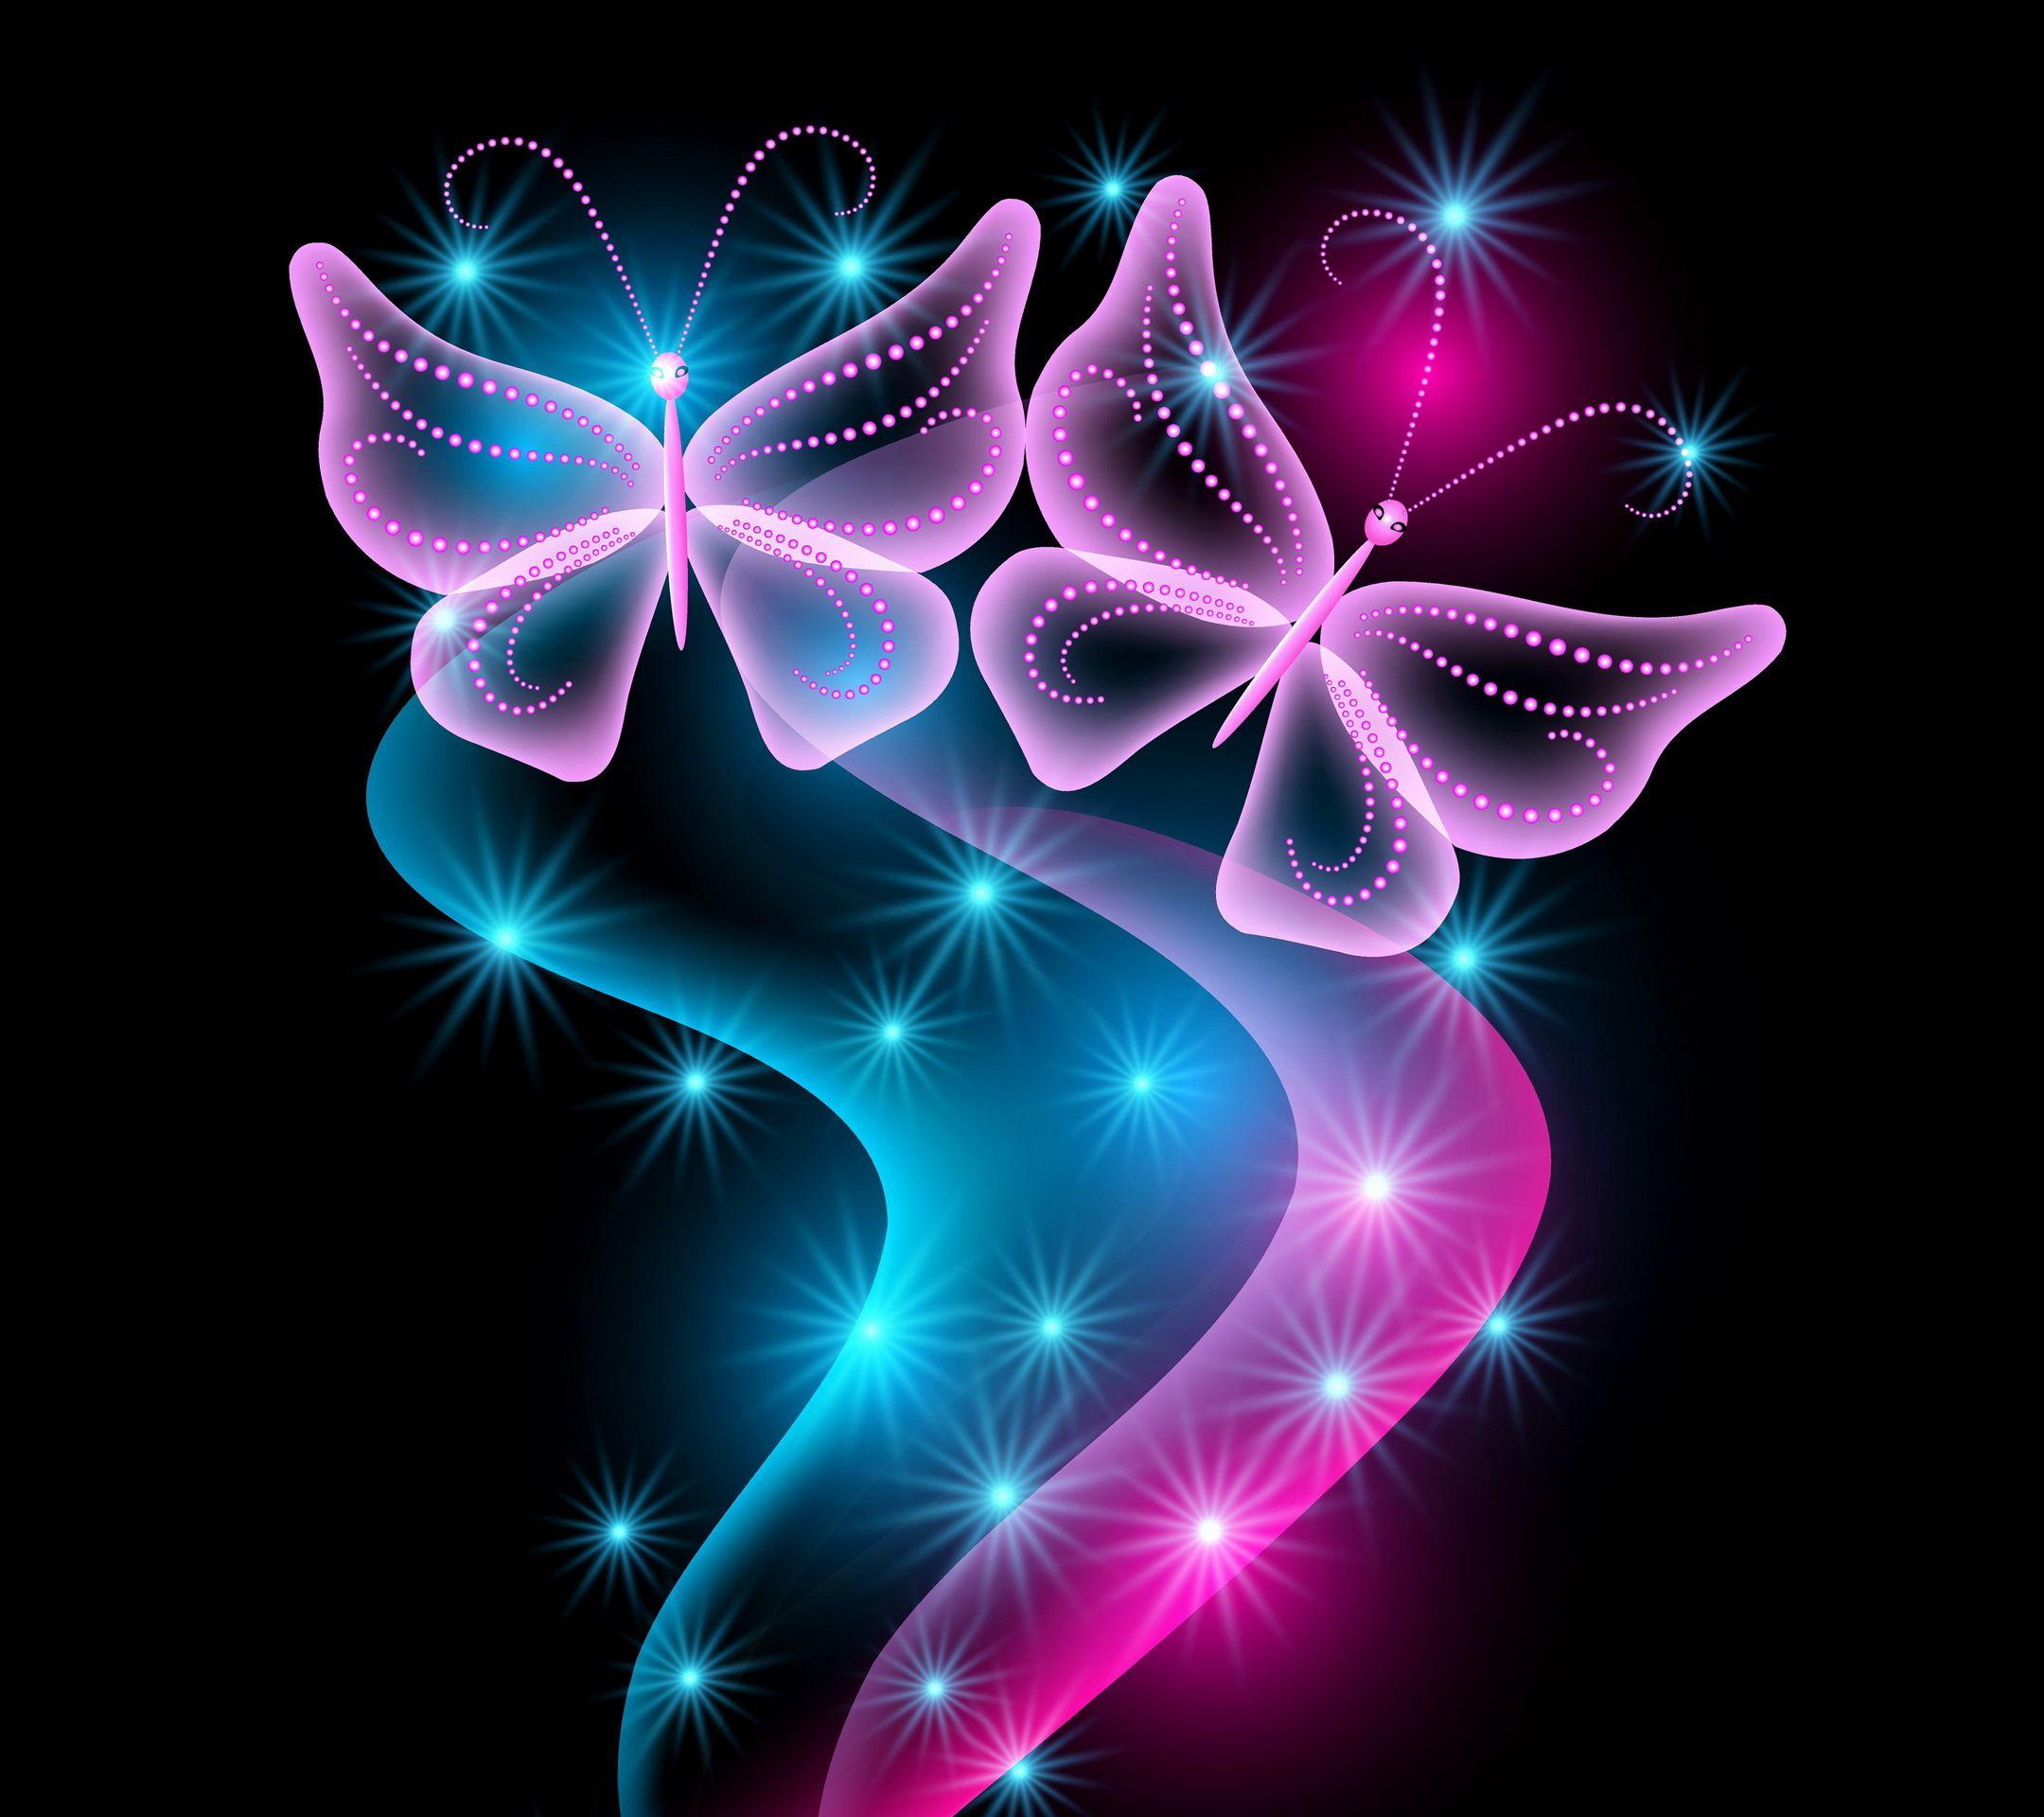 Wallpaper Neon Butterflies Abstract Blue Pink Sparkle Glow Butterfly Wallpapers Abstr Butterfly Wallpaper Backgrounds Butterfly Wallpaper Neon Wallpaper